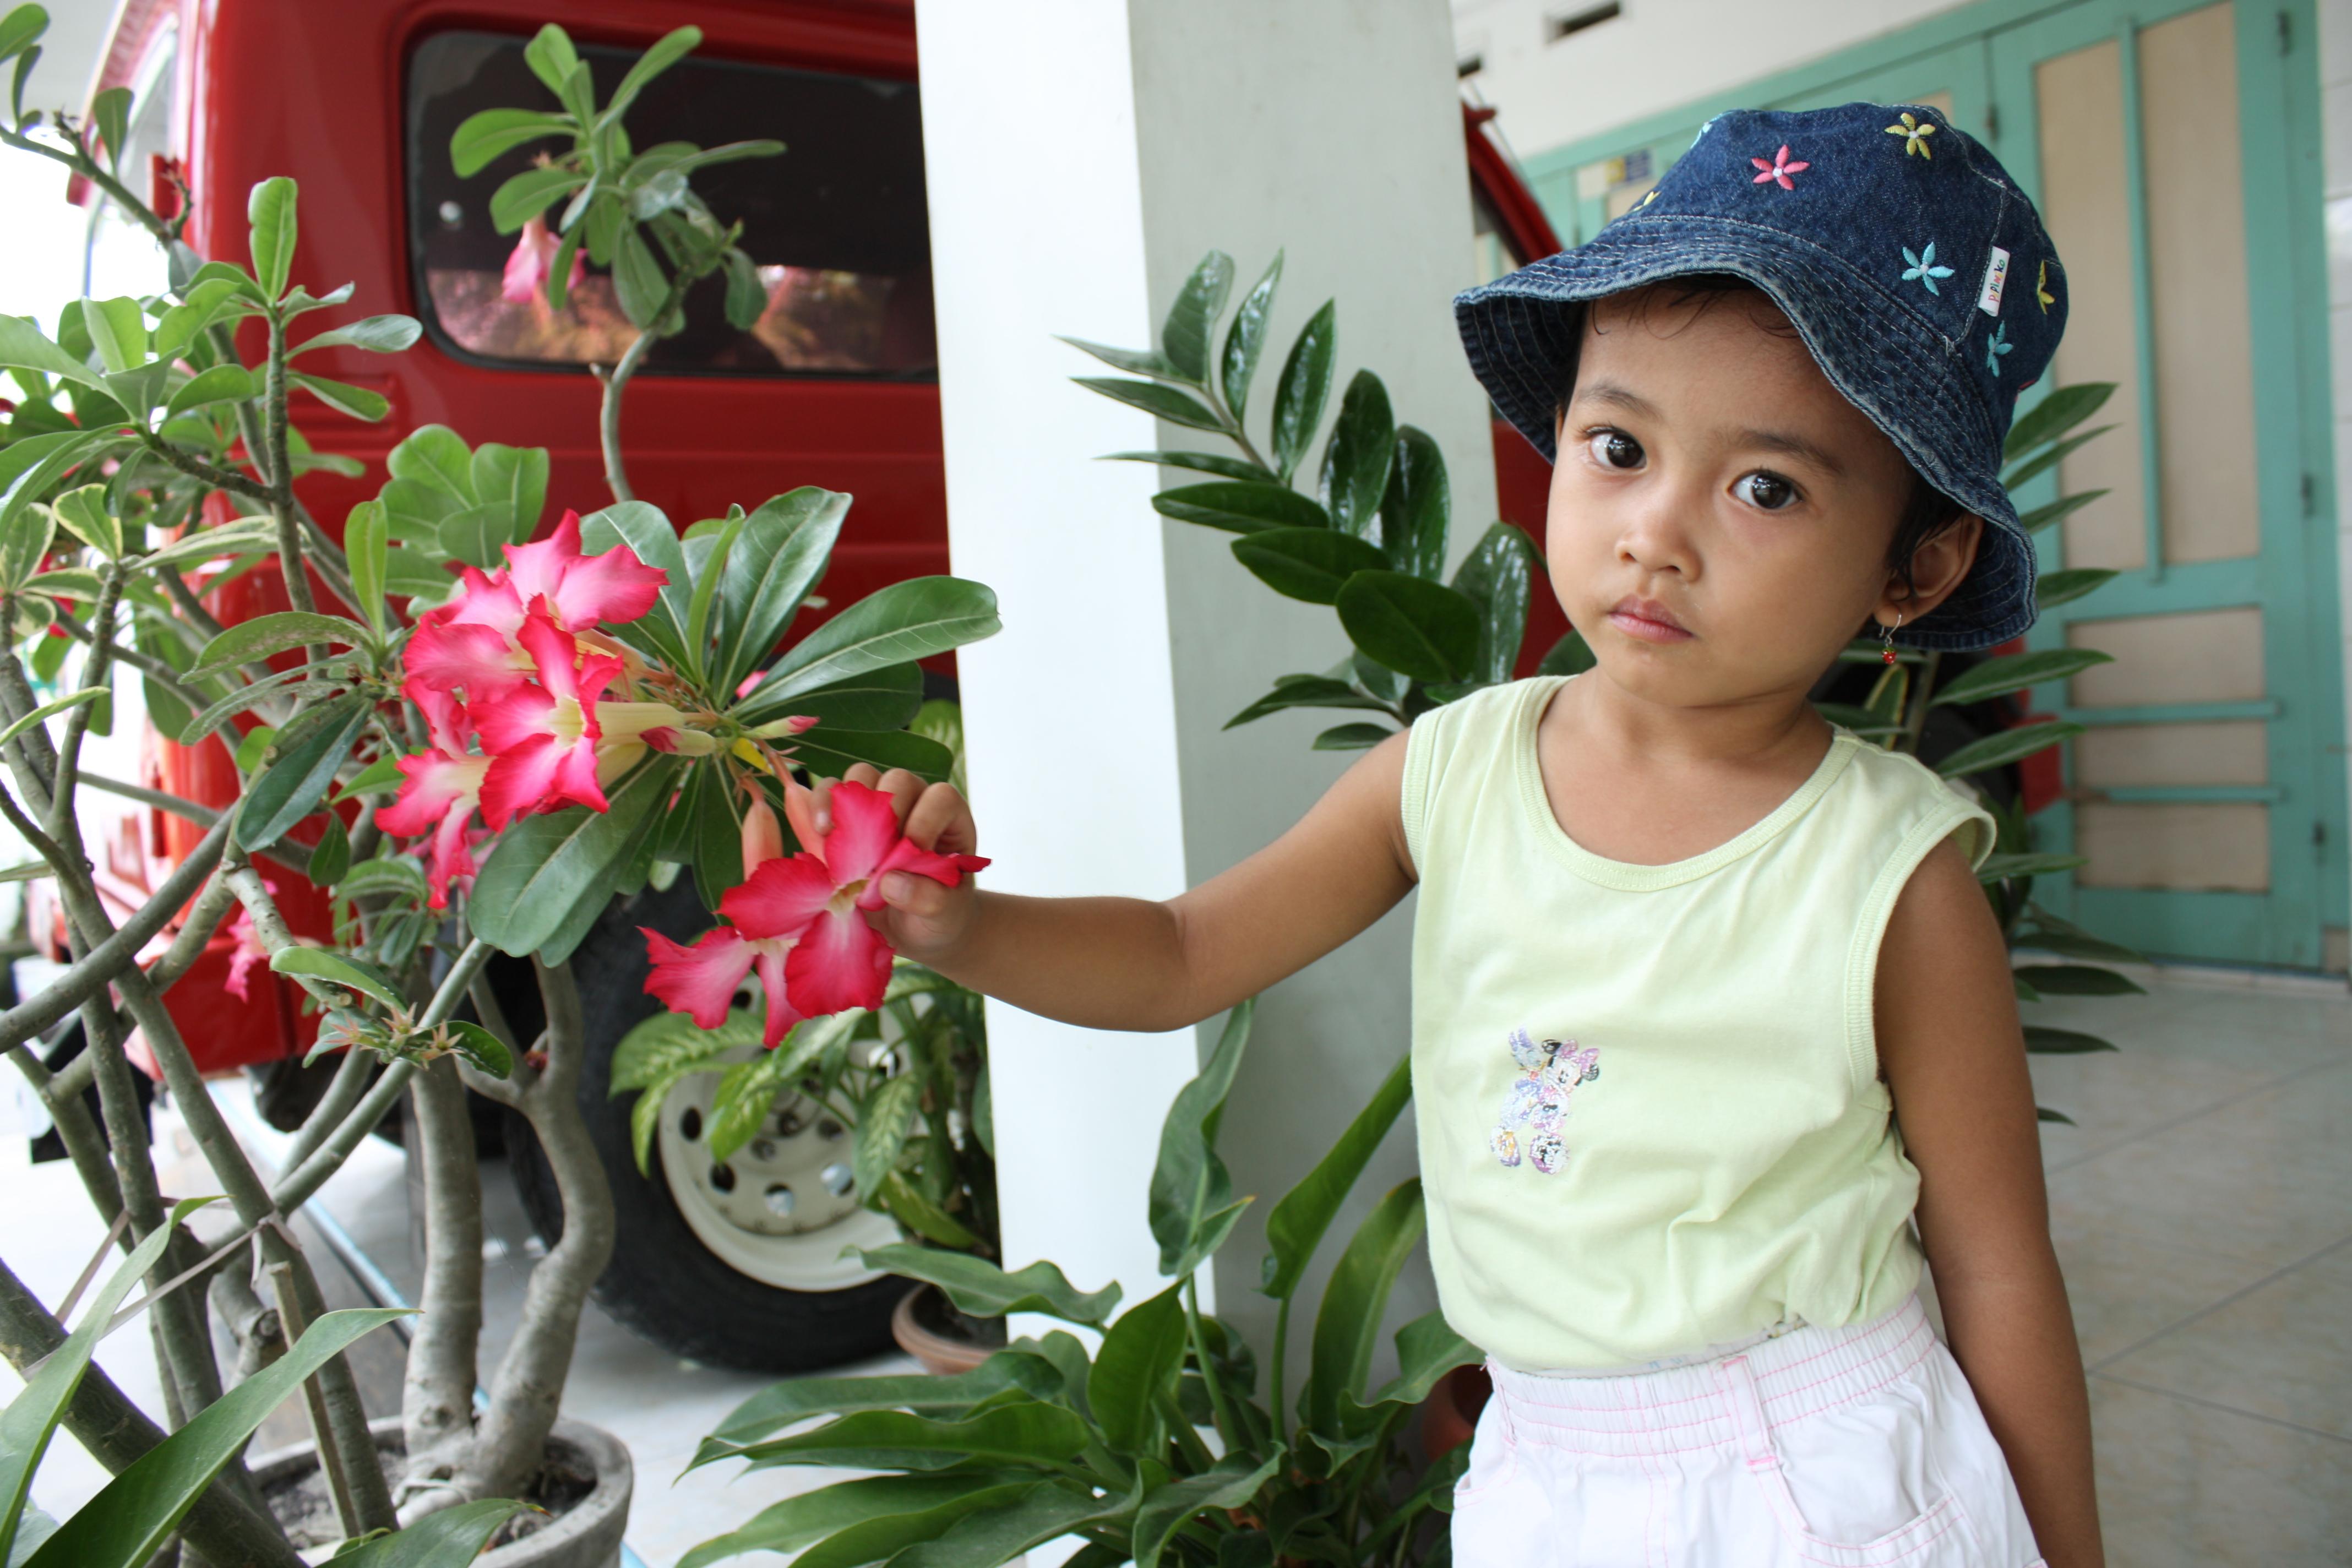 Aurel Si Gadis Kecil Journey Of Life